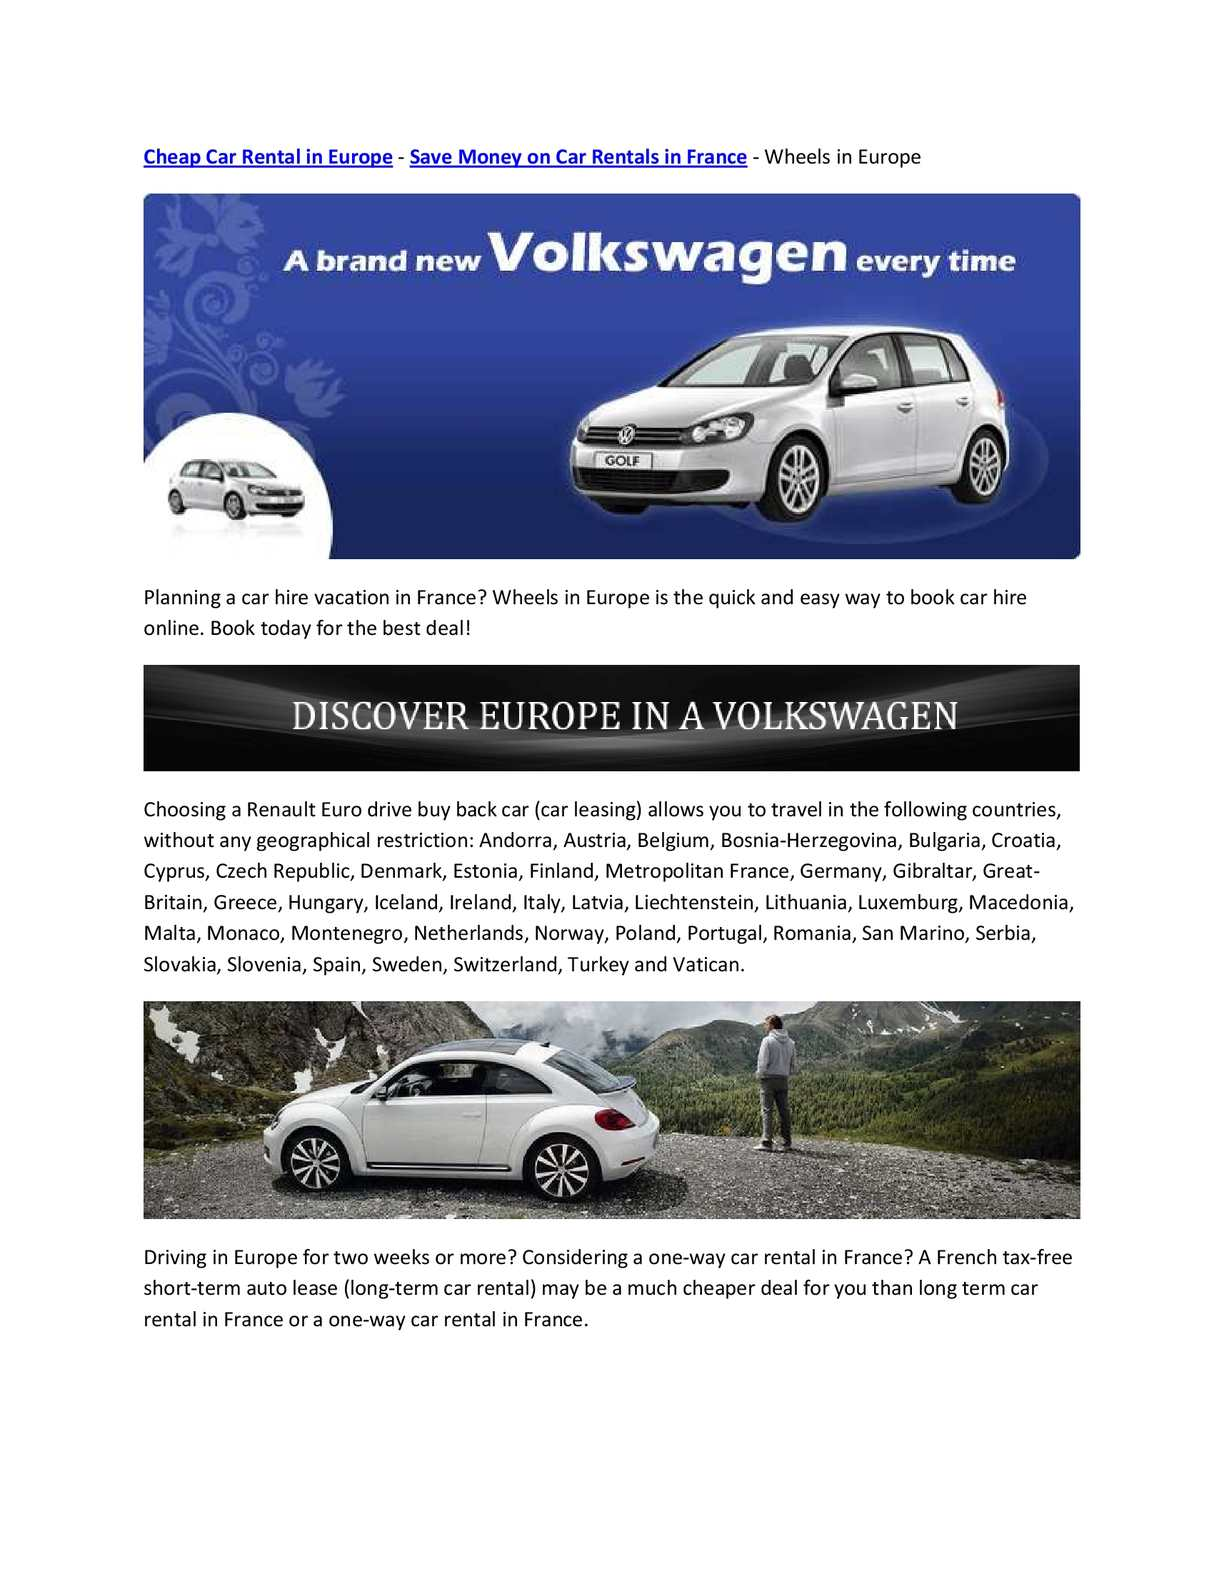 free one way car rental europe